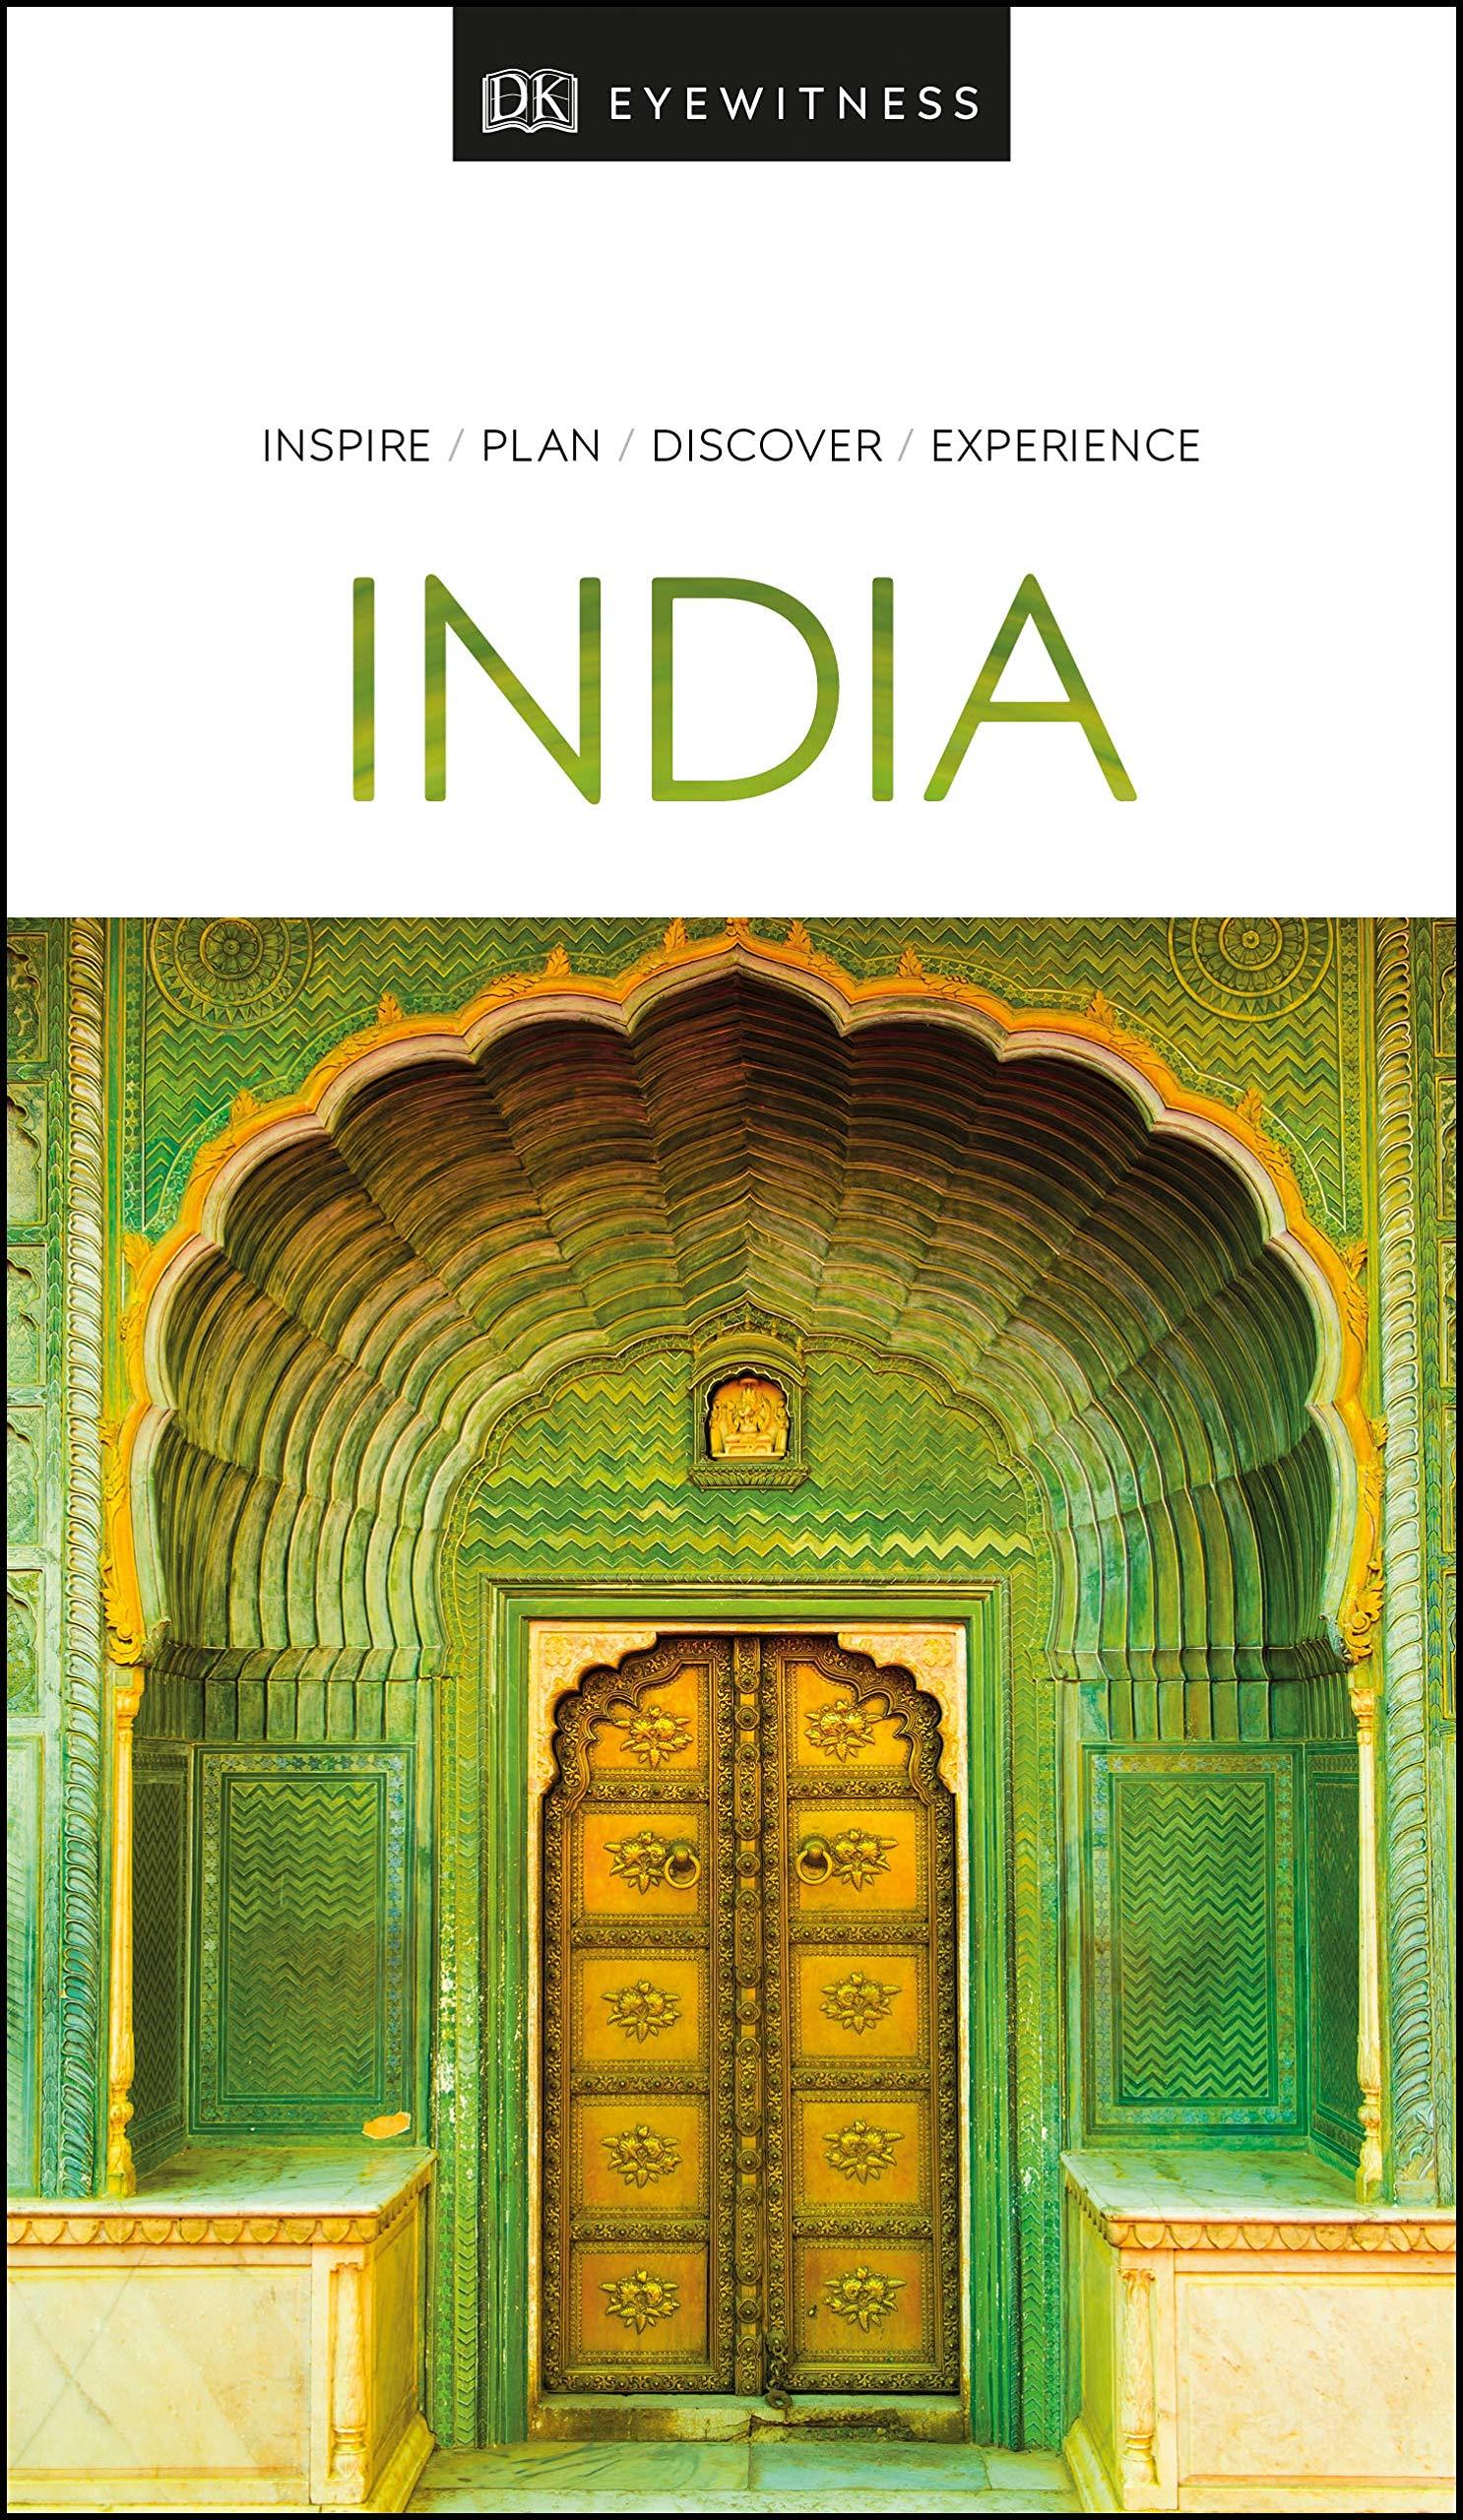 מדריך באנגלית DK הודו